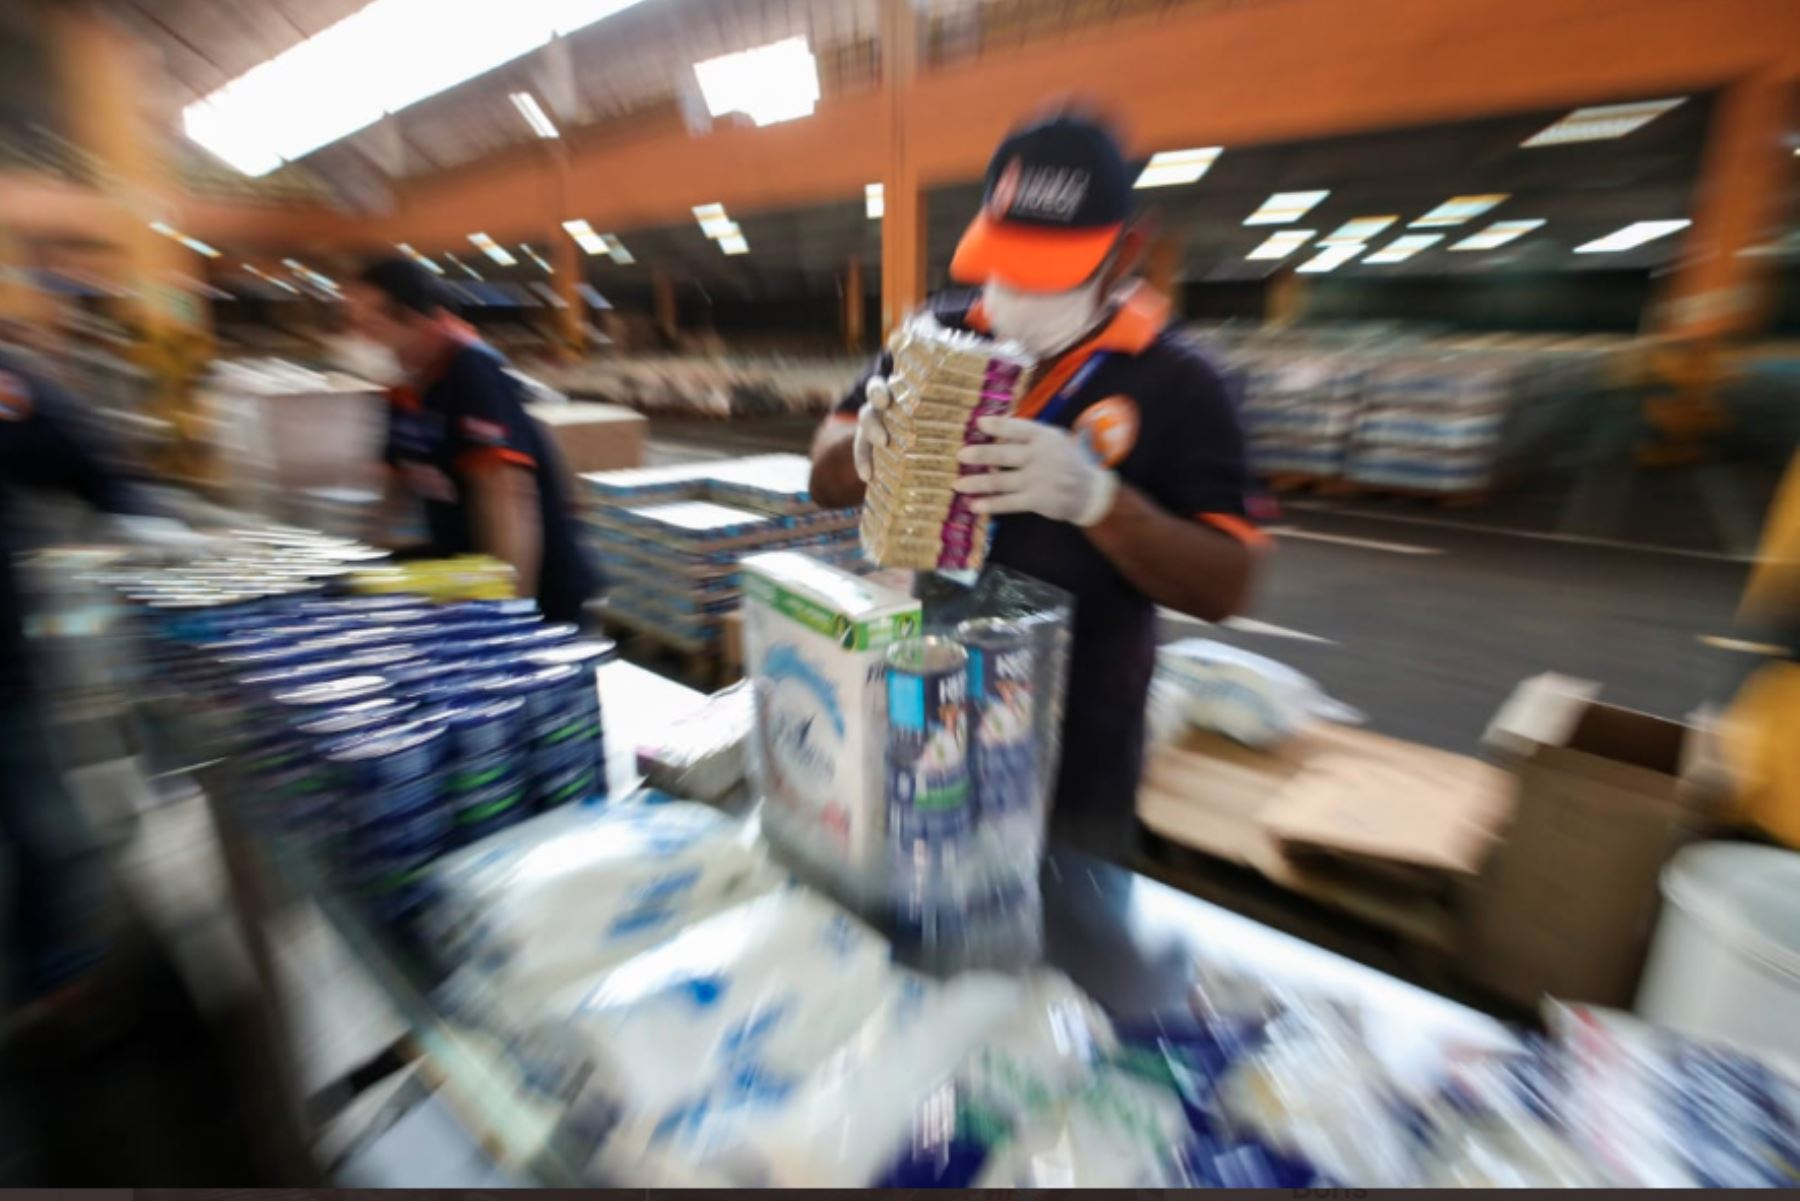 El titular de la PCM Vicente Zeballos, inspeccionó el almacén de alimentos no perecibles de Indeciperu en el Callao, donde se reciben y canalizan donaciones de empresas para apoyar a las familias más vulnerables que acatan el aislamiento por el COVID-19.Foto:ANDINA/PCM